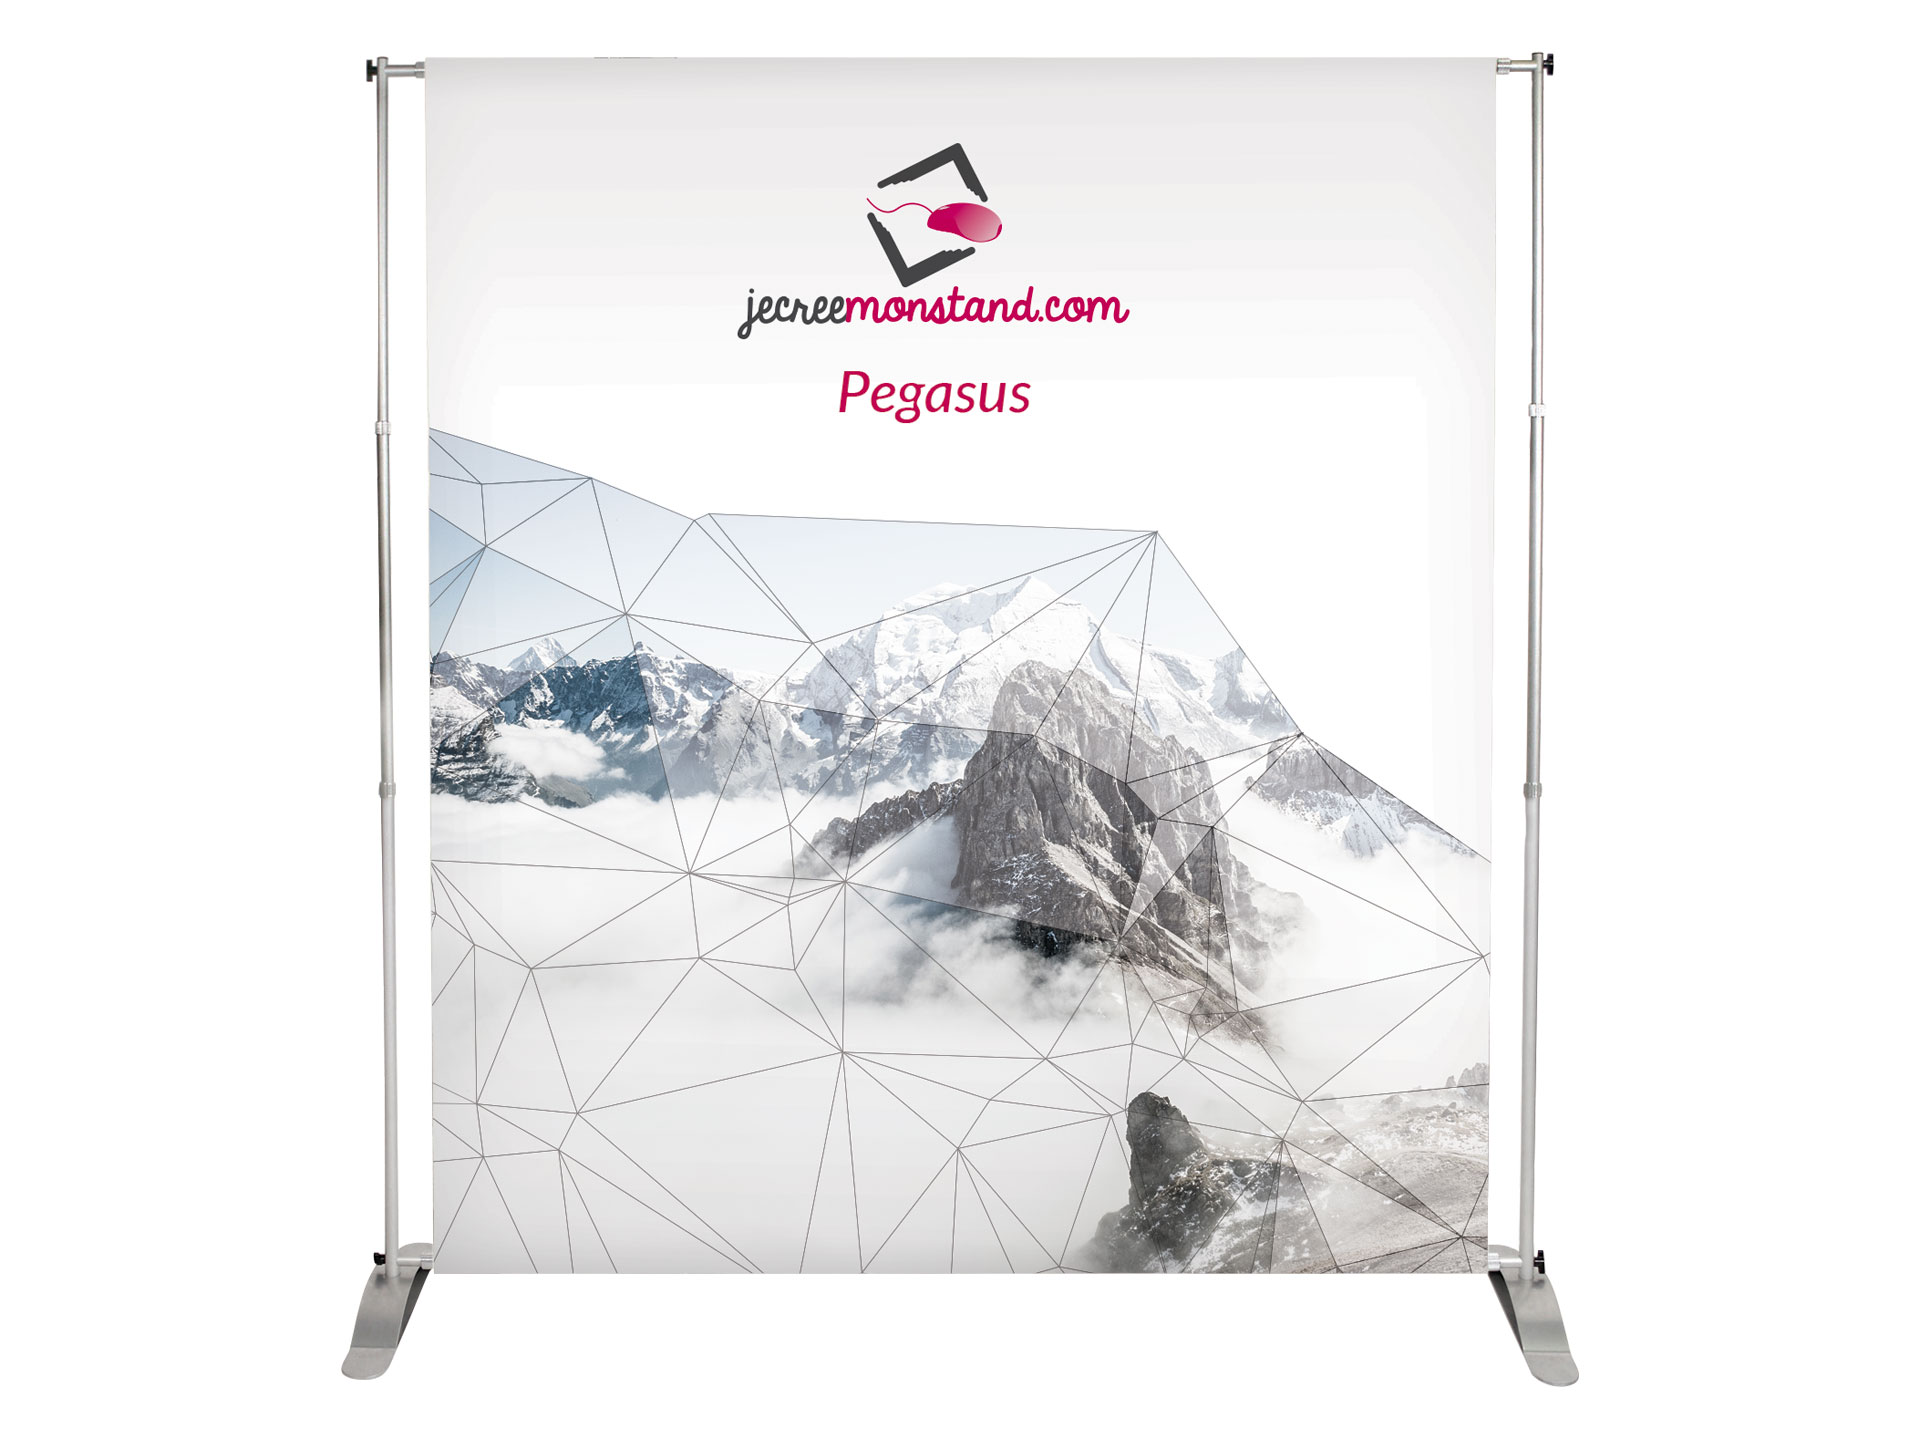 Mur d'image Pegasus pour stand, salons, foires et expositions